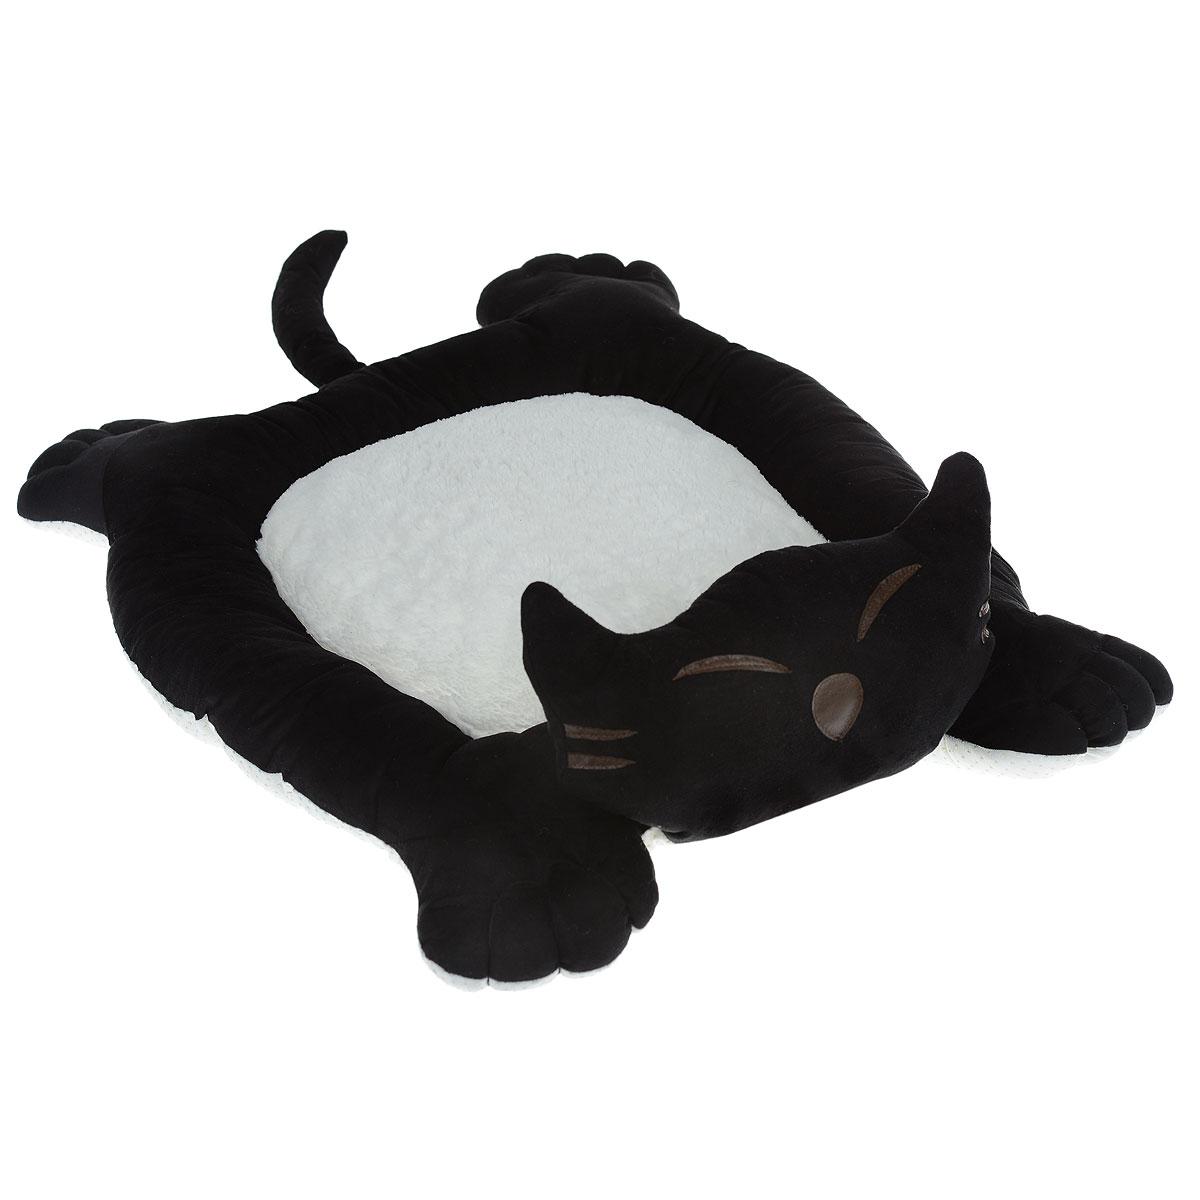 Лежак для собак и кошек I.P.T.S. Sylvester, цвет: черный, белый, 56 см х 44 см х 14,5 см19208_черный/белыйМягкий и уютный лежак для кошек и собак I.P.T.S. Sylvester обязательно понравится вашему питомцу. Лежак выполнен в виде кота. Он изготовлен из нежного, приятного материала. Внутри - мягкий наполнитель, который не теряет своей формы долгое время. Мягкий, приятный и теплый лежак обеспечит вашему любимцу уют и комфорт. Подходит как для кошек, так и для маленьких, карликовых пород собак. За изделием легко ухаживать, можно стирать вручную или в стиральной машине при температуре 30°С. Материал бортиков: искусственная замша. Материал матрасика: плюш. Наполнитель: полифибер. Товар сертифицирован.